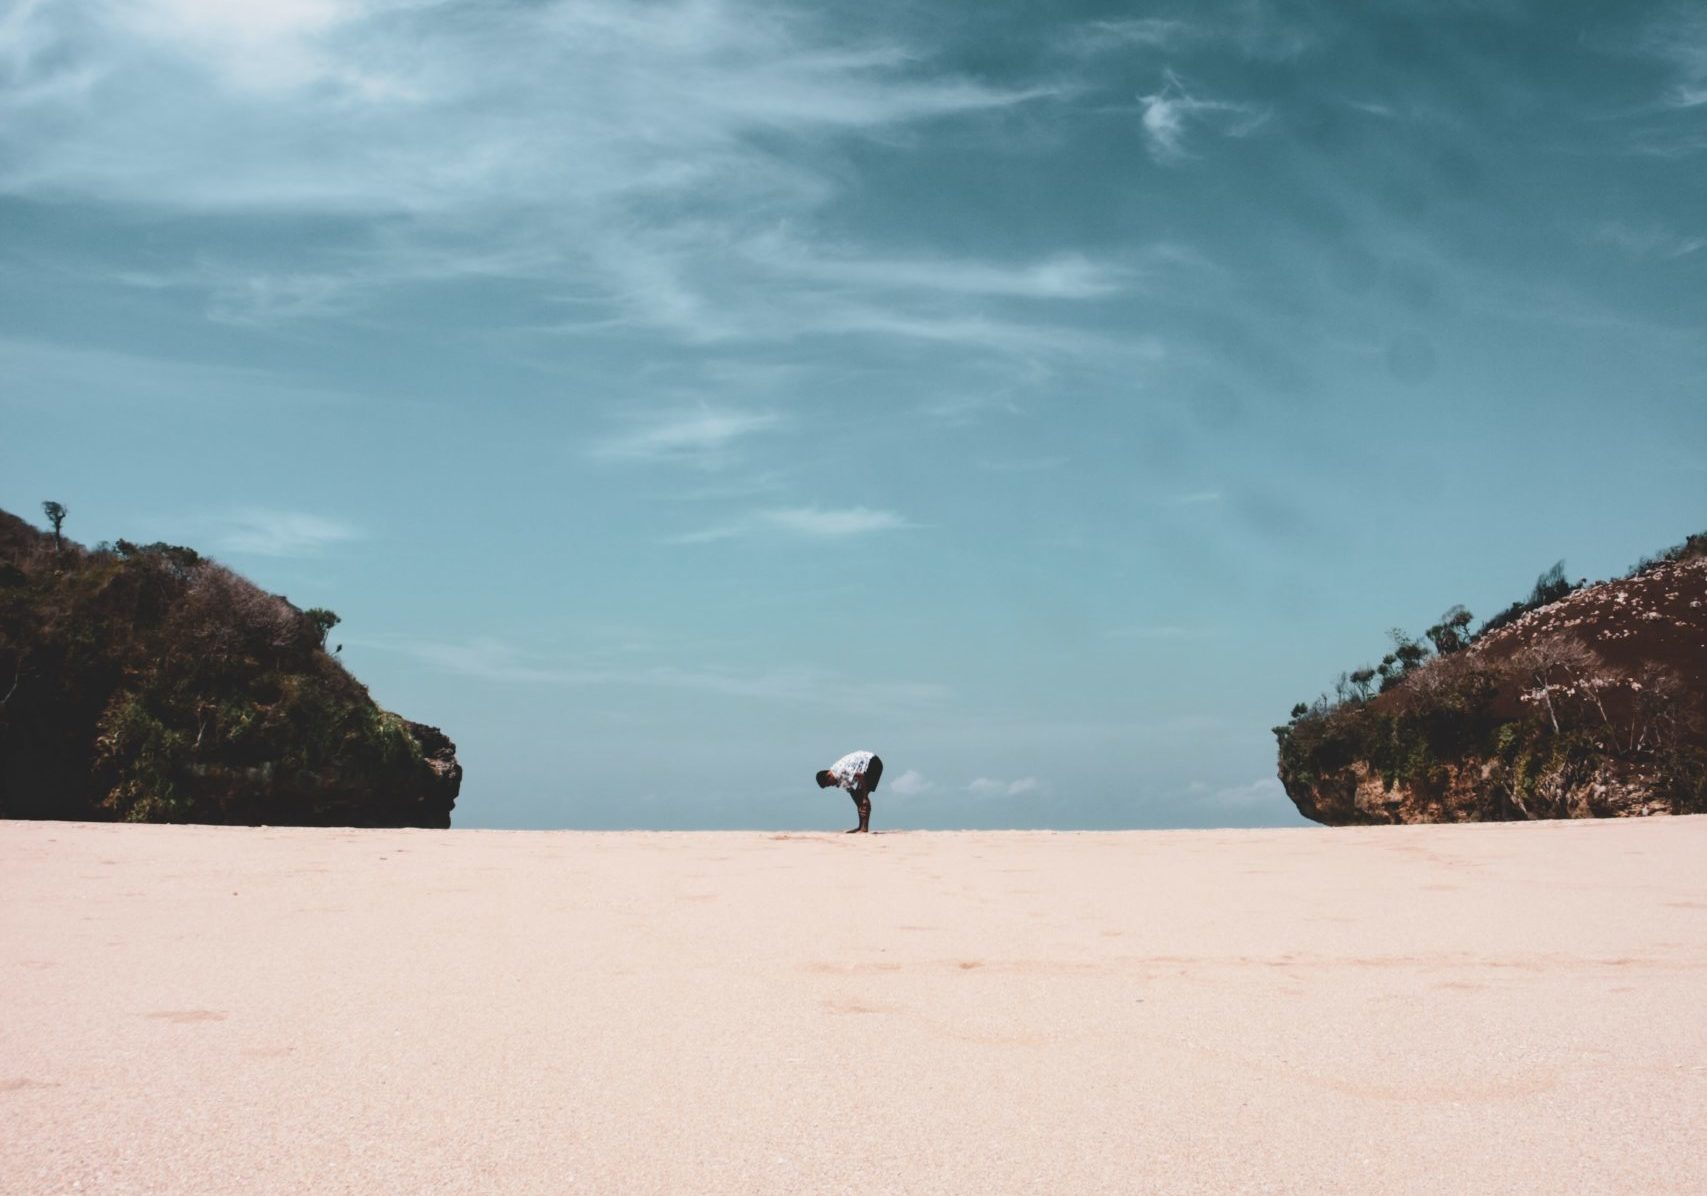 無人島にたったひとつだけ基礎練習を持っていけるとしたら?